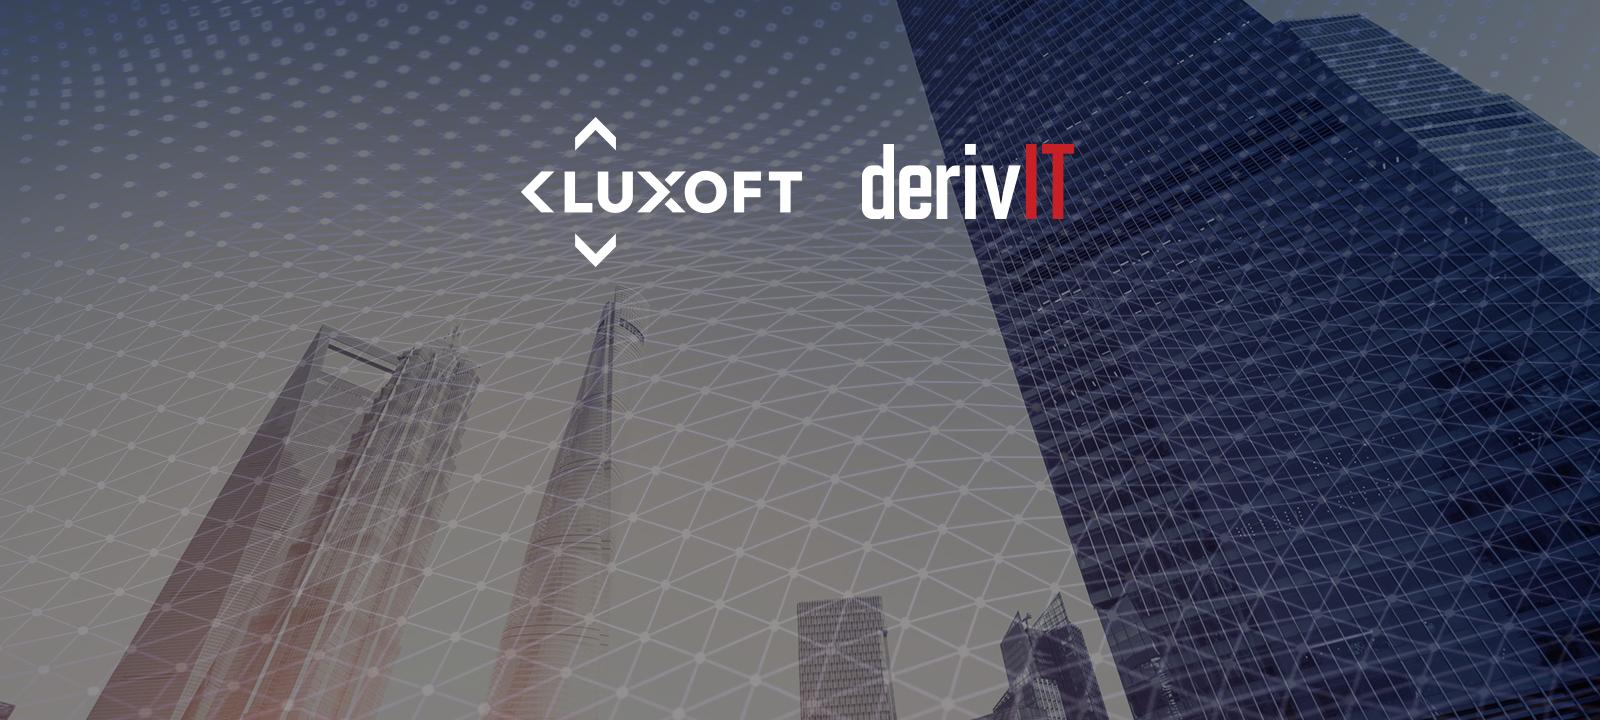 Excelian, organizatia de servicii financiare a Luxoft, isi consolideaza prezenta in zona Asia-Pacific si achizitioneaza compania derivIT